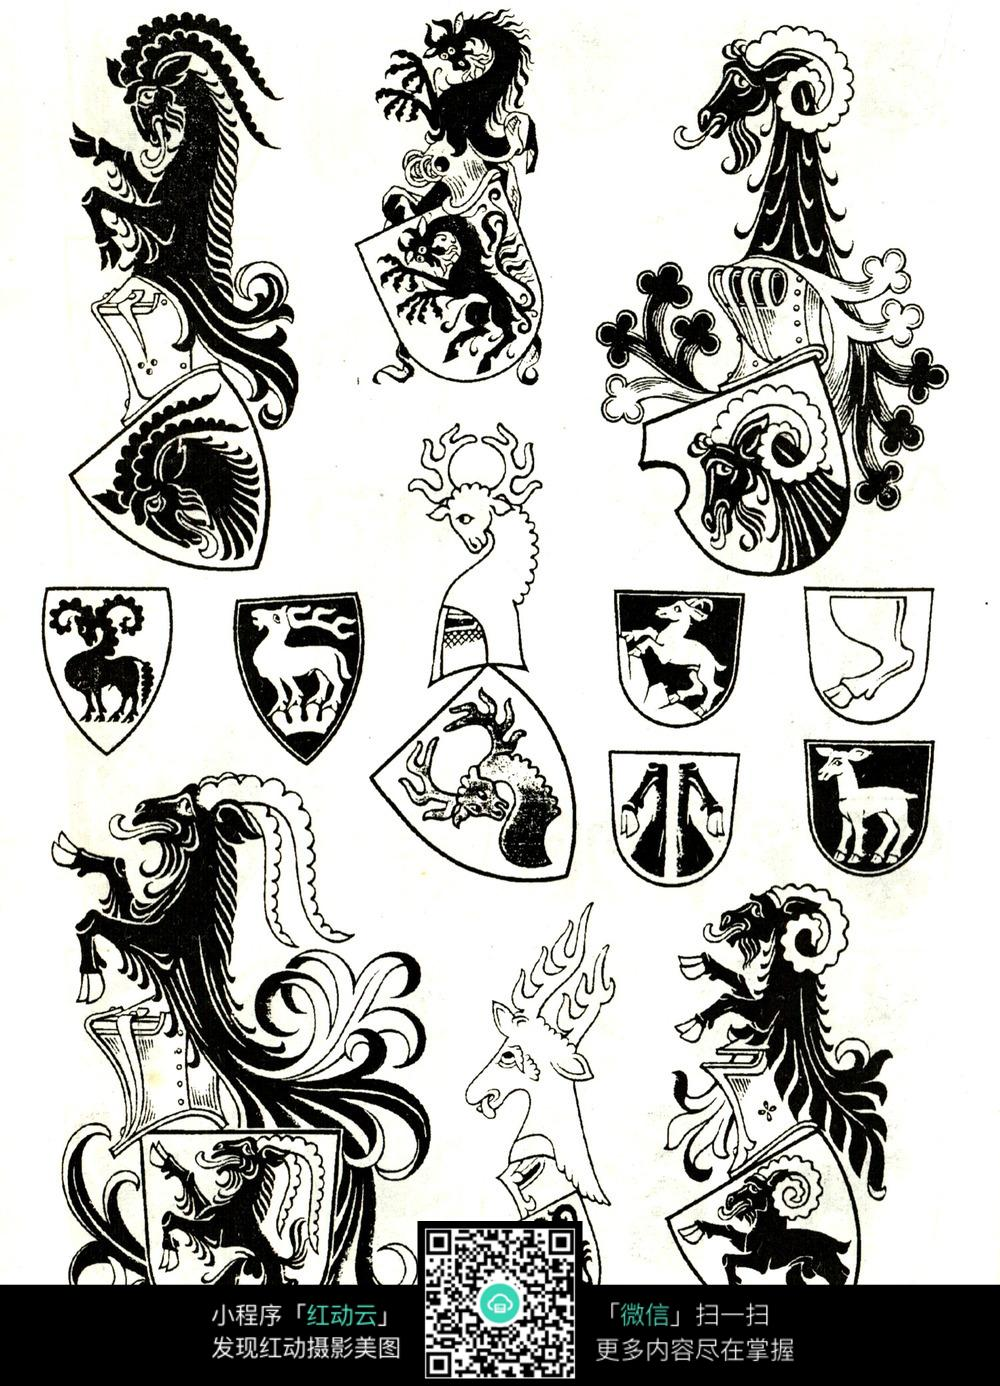 免费素材 图片素材 文化艺术 传统图案 摩羯座花纹盾牌